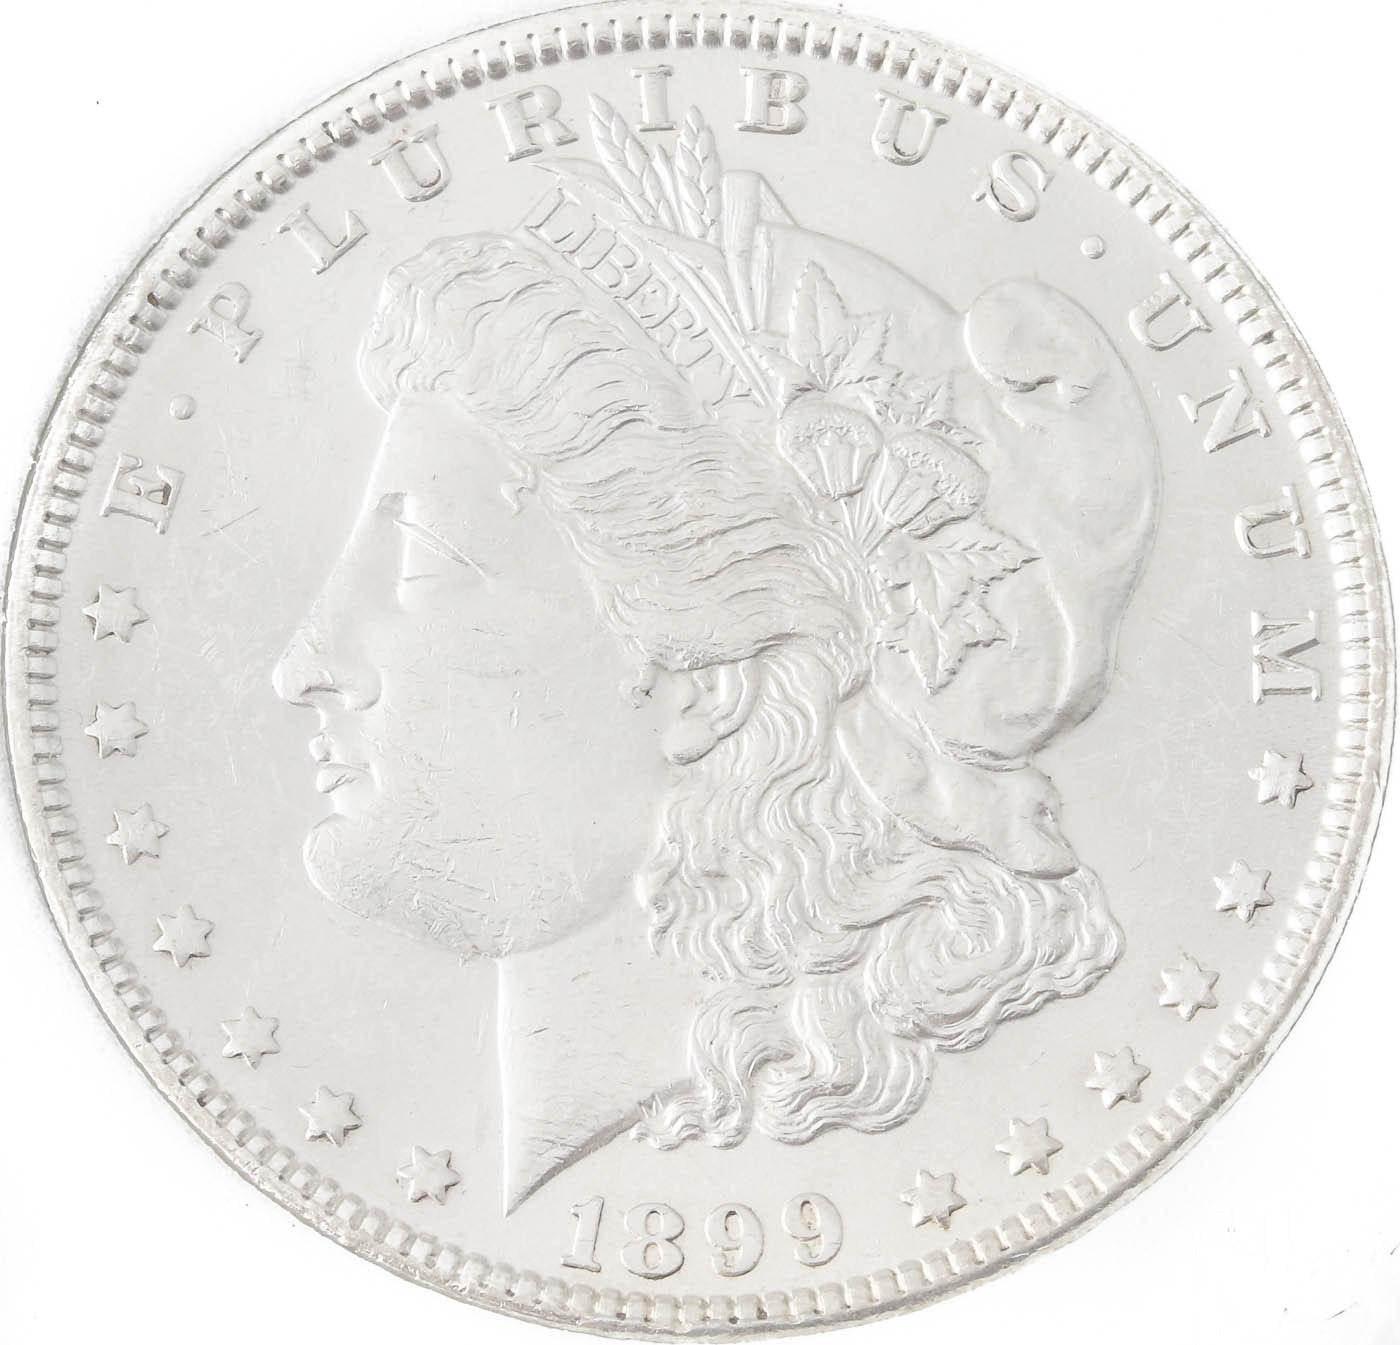 Low Mintage 1899 Silver Morgan Dollar